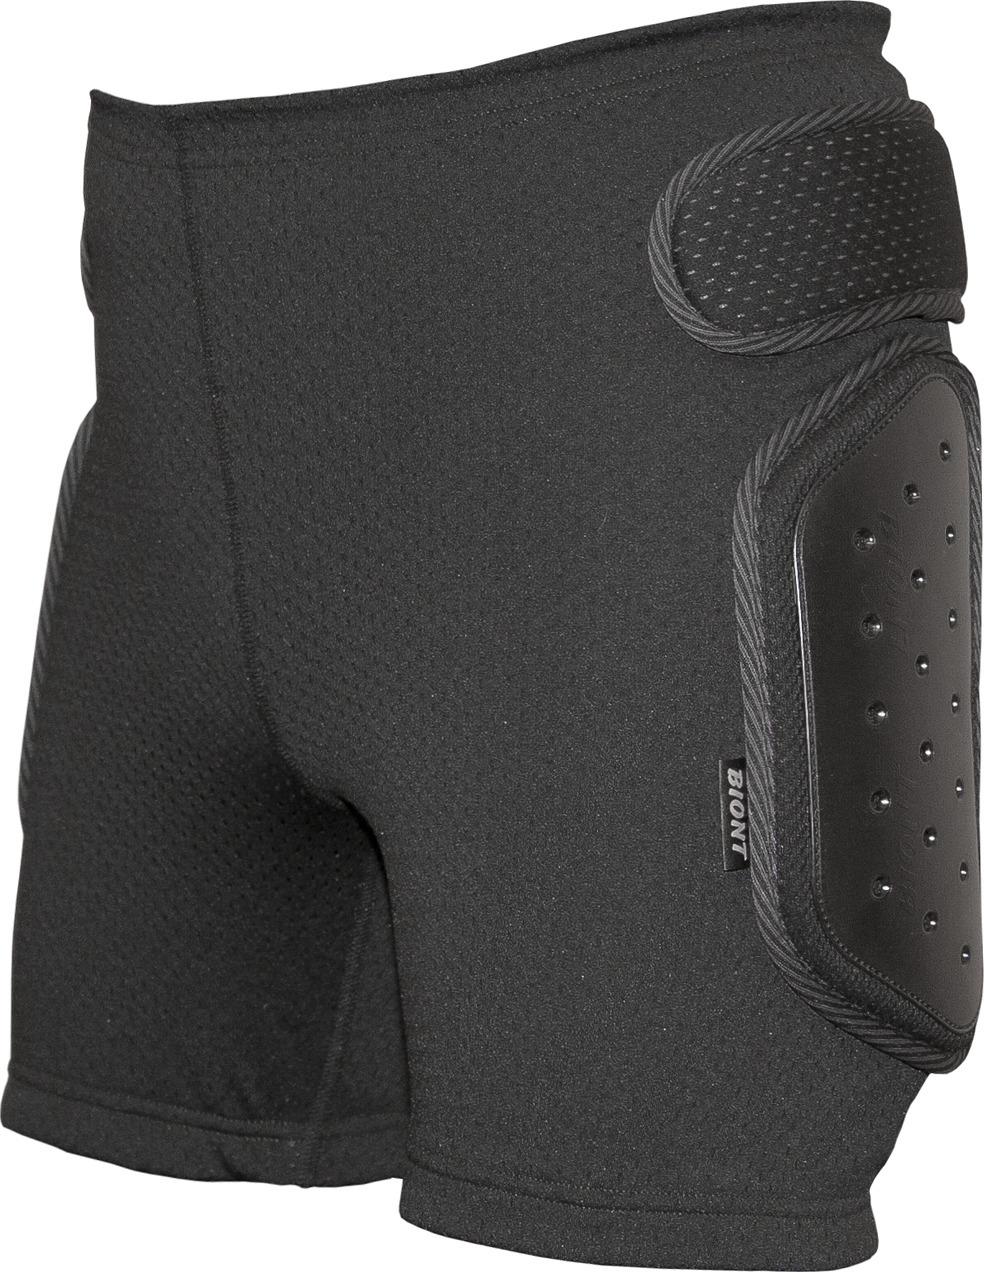 Фото - Защитные шорты Biont Комфорт, цвет: черный. Размер L (48/50) самосбросы горнолыжные biont цвет черный размер l 48 50